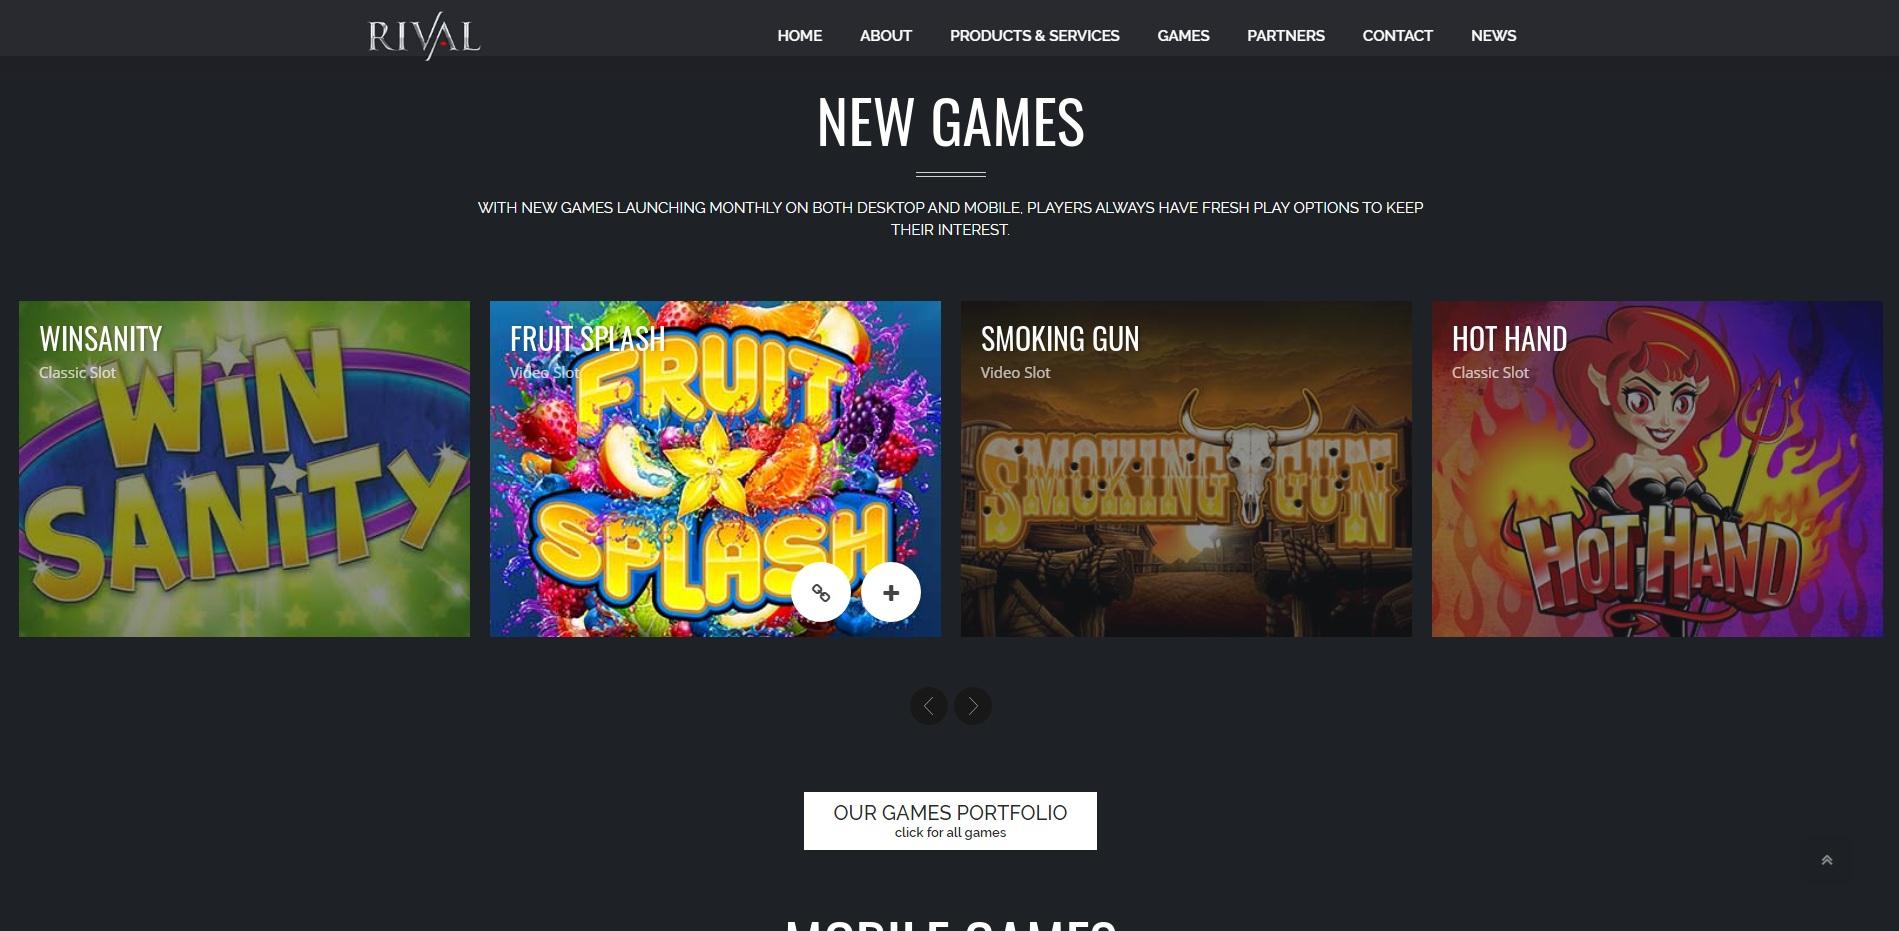 test casino rival